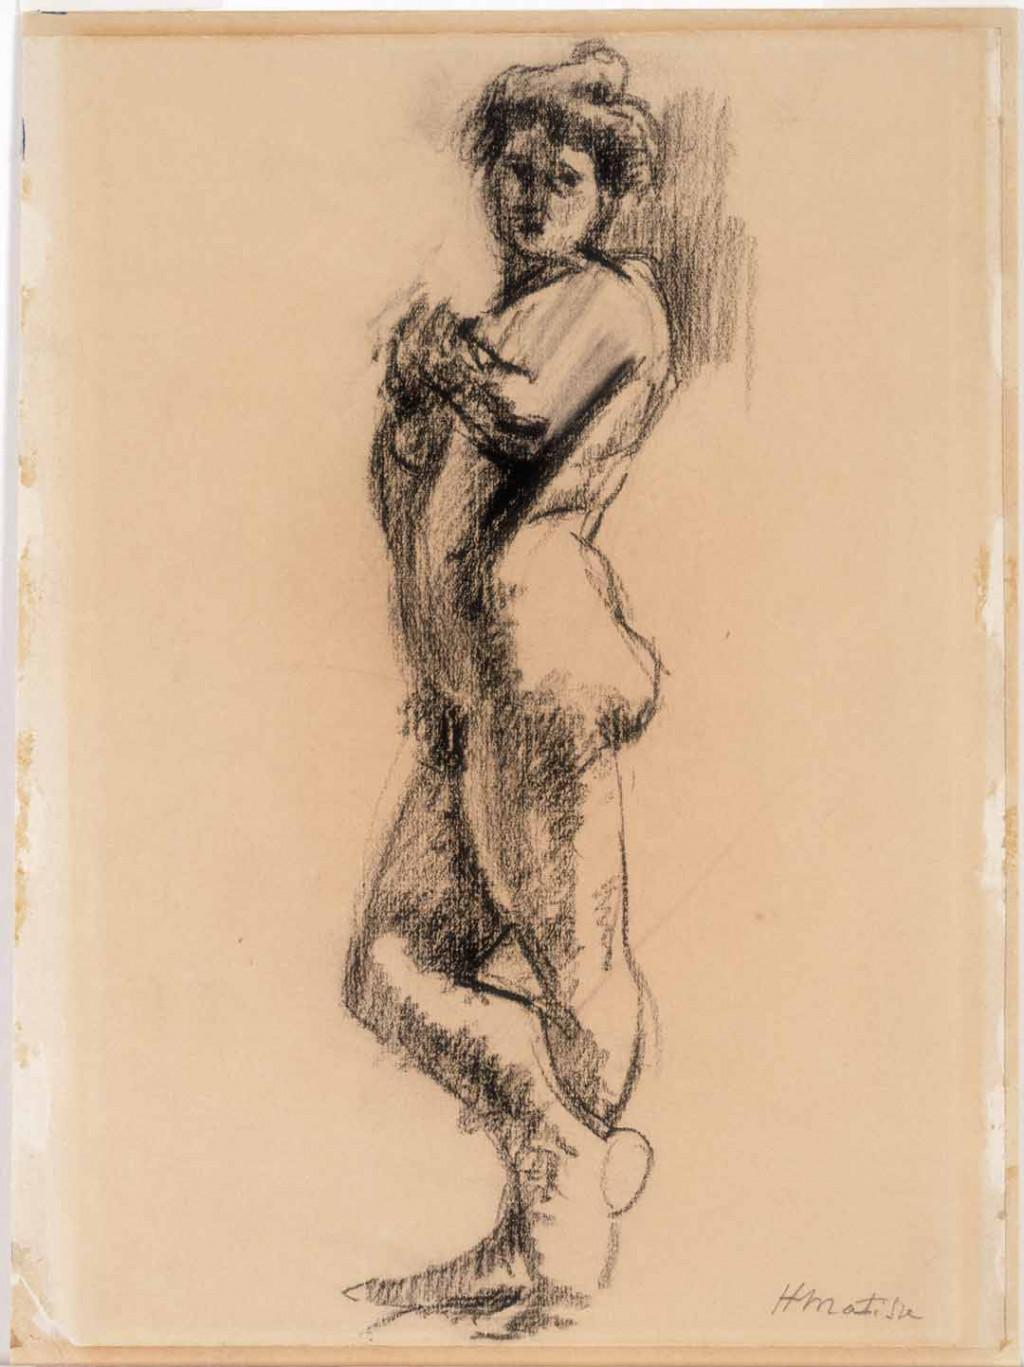 Henri Matisse, Staand naakt, ca. 1900